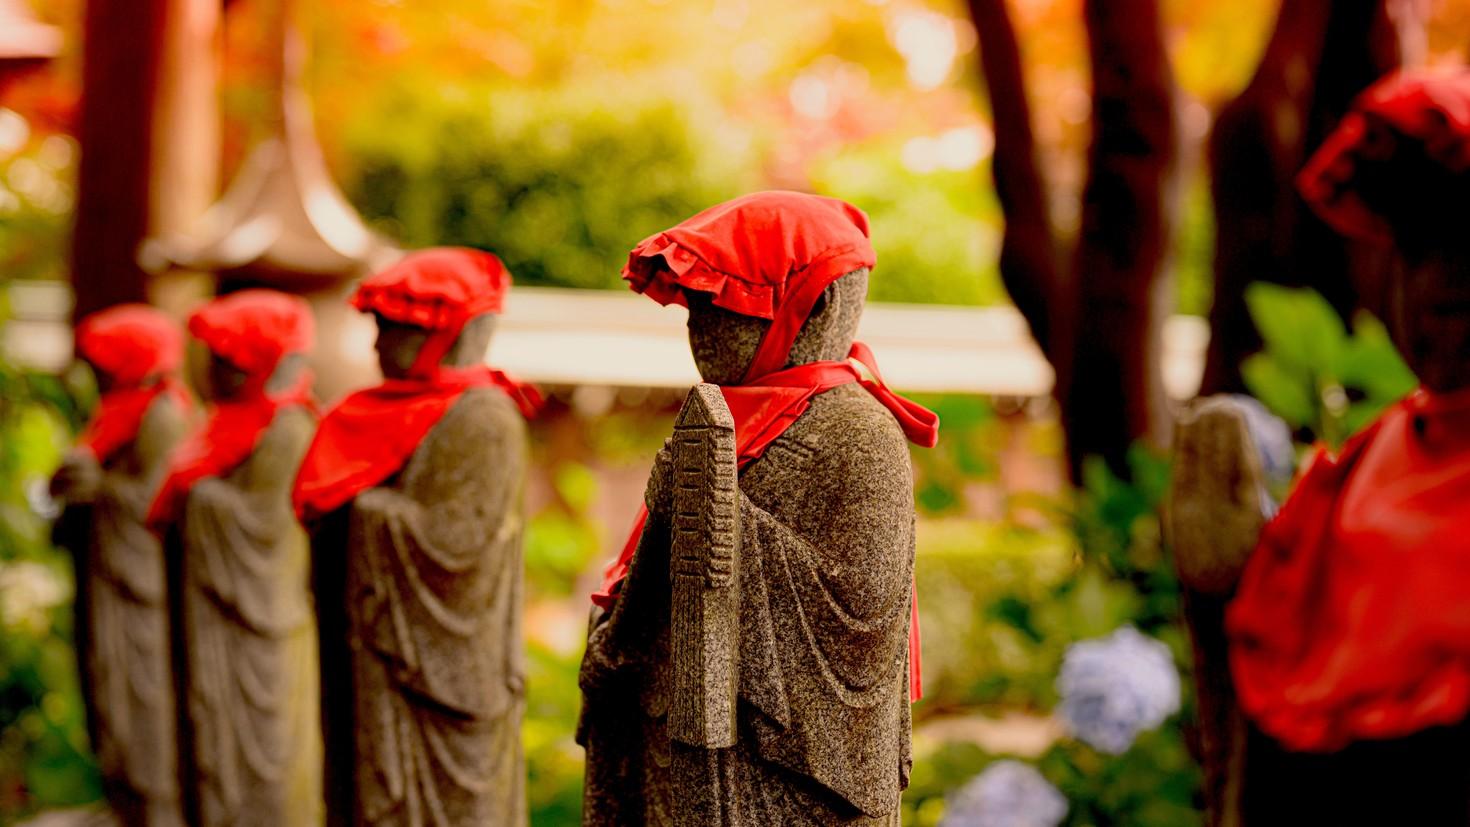 En Japón se realiza la ceremonia del mizuko, con estatuas de barro que representan a Jizo. Foto: wsimag.com